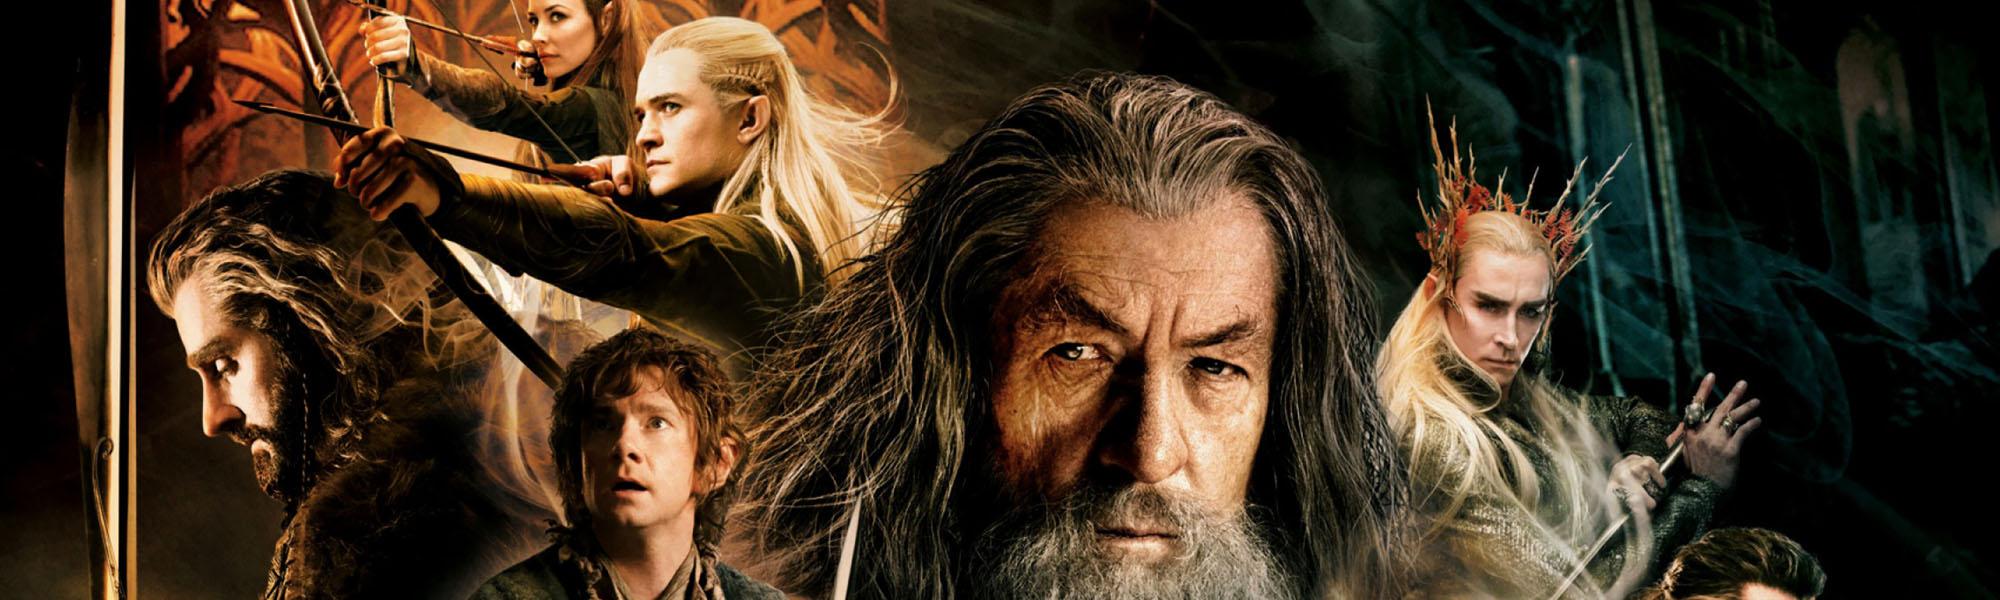 post-hobbit2